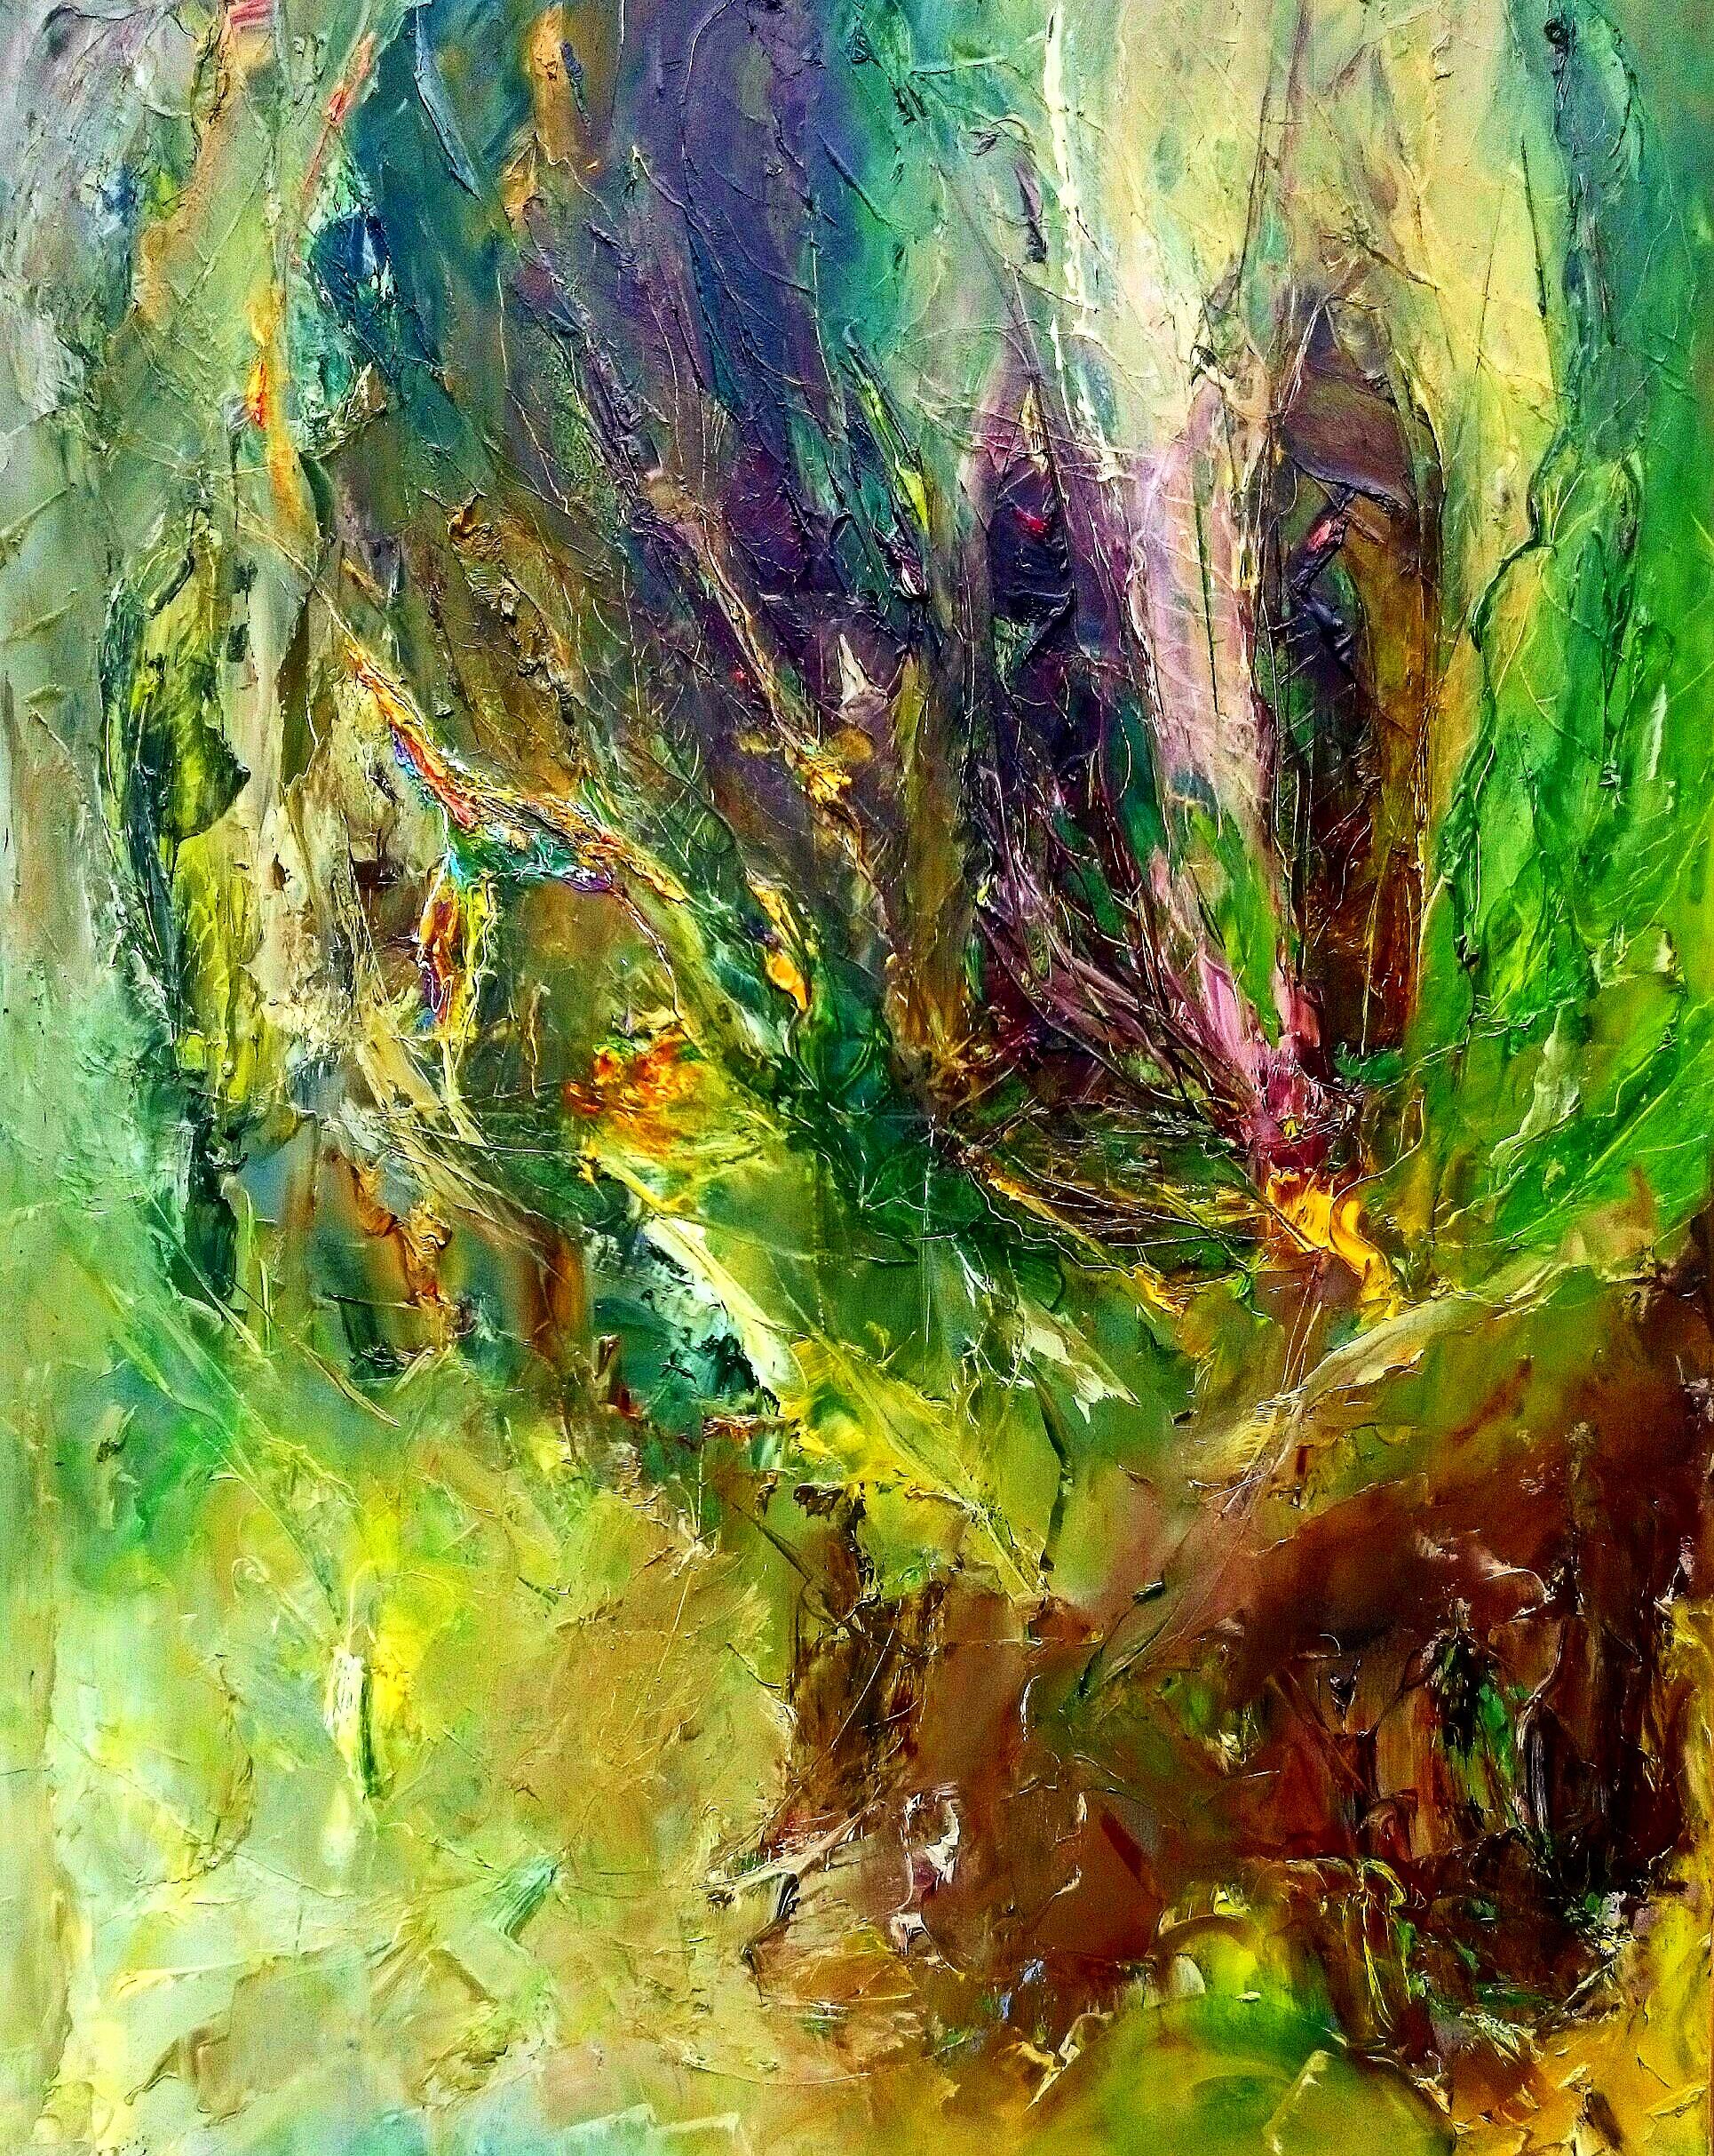 'W szmaragdowym Ogrodzie' 90x130.jpg